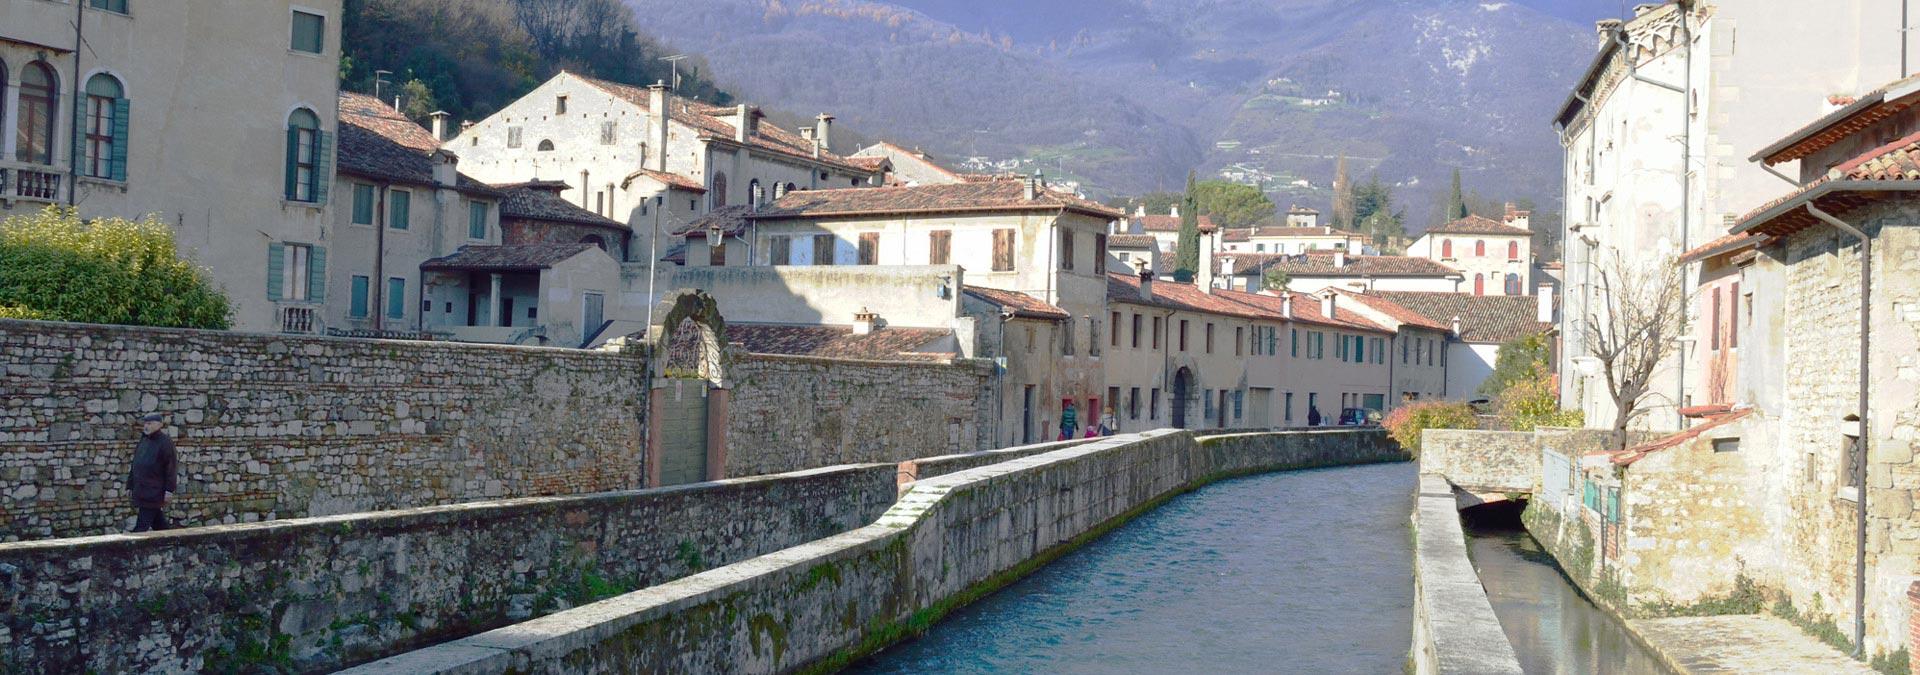 Vittorio Veneto, fiume Meschio